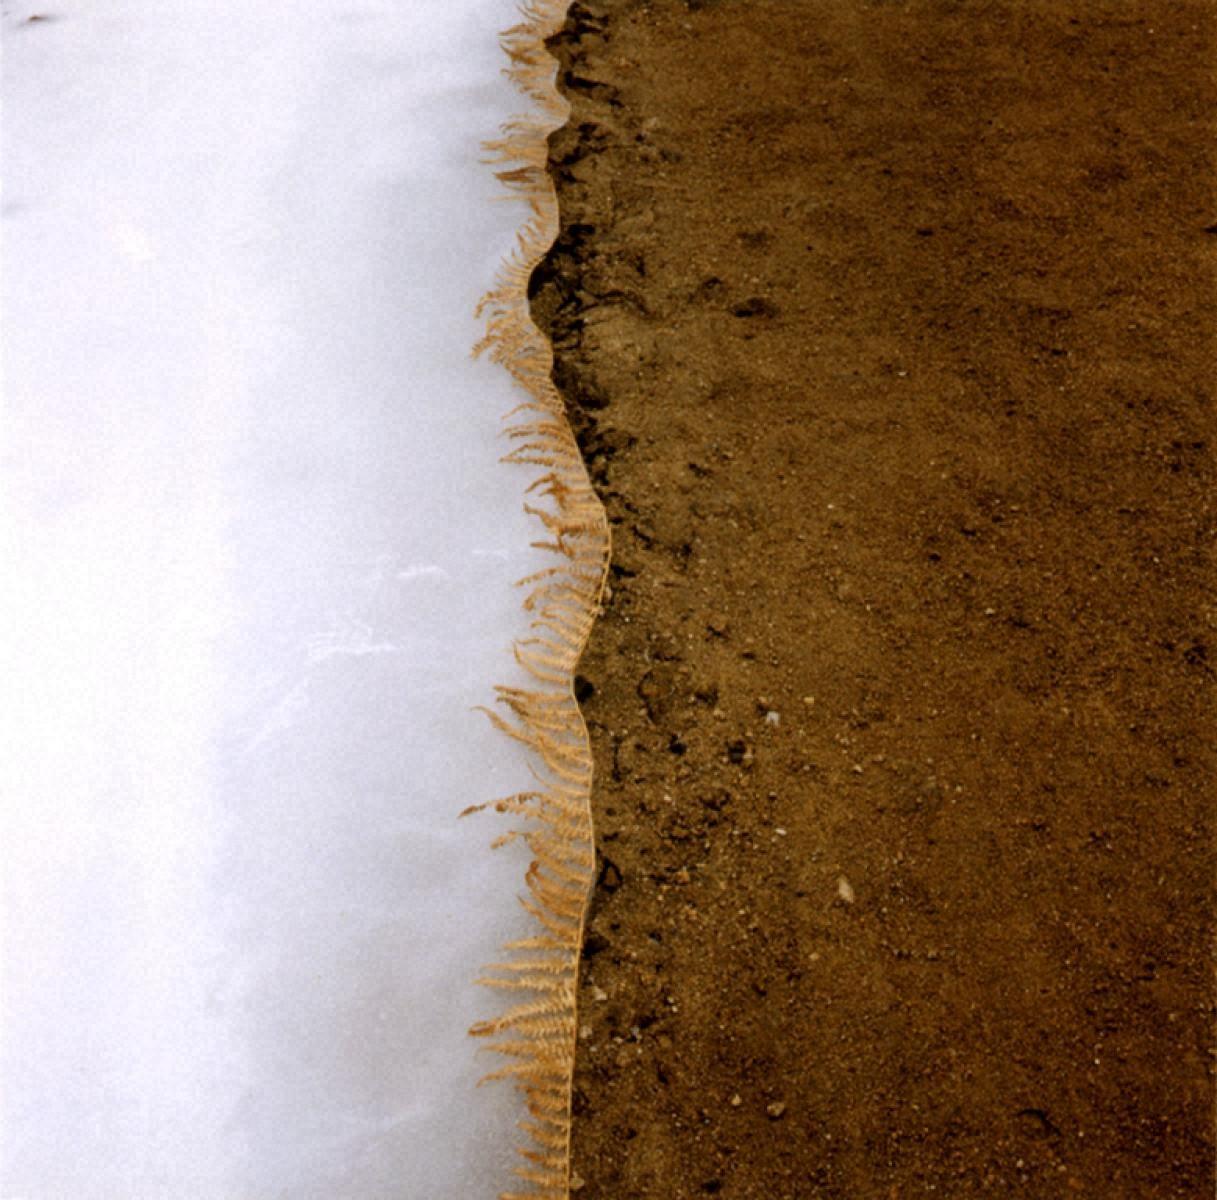 氷面、シダの葉/フランス、リムーザン地方、ヴァシヴィエール湖、1987年